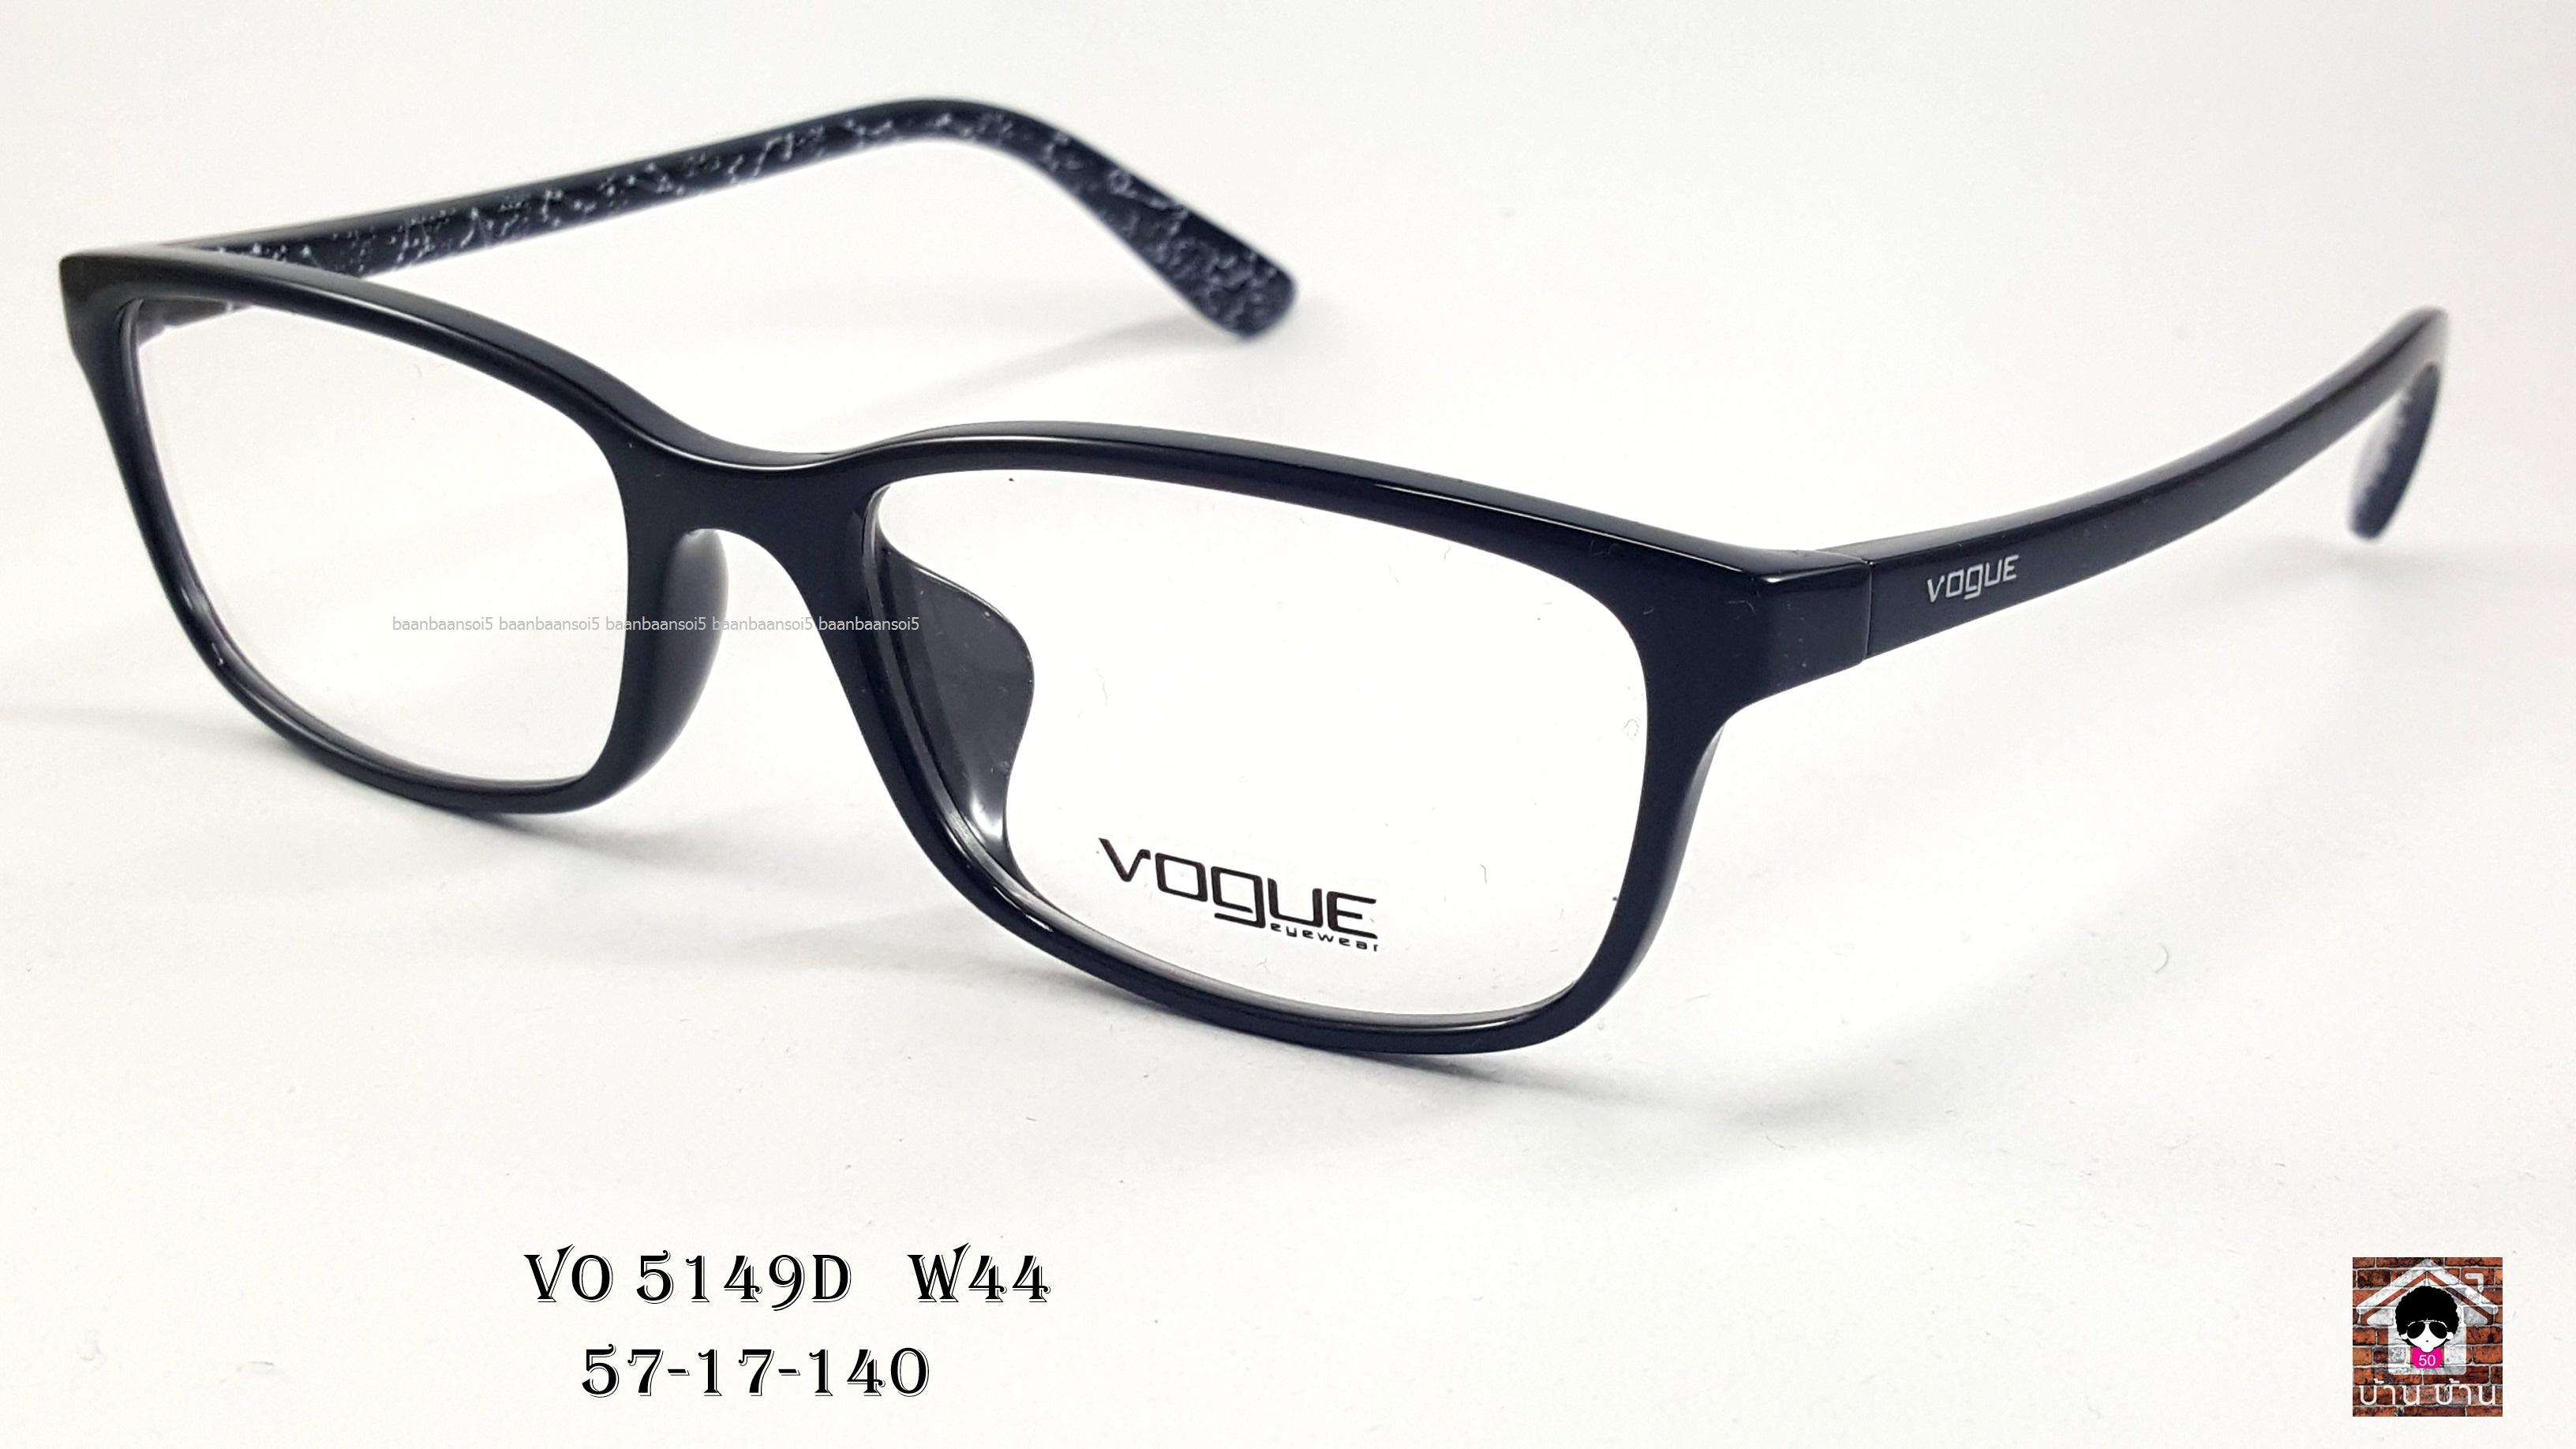 Vogue vo 5149D w44 โปรโมชั่น กรอบแว่นตาพร้อมเลนส์ HOYA ราคา 2,300 บาท